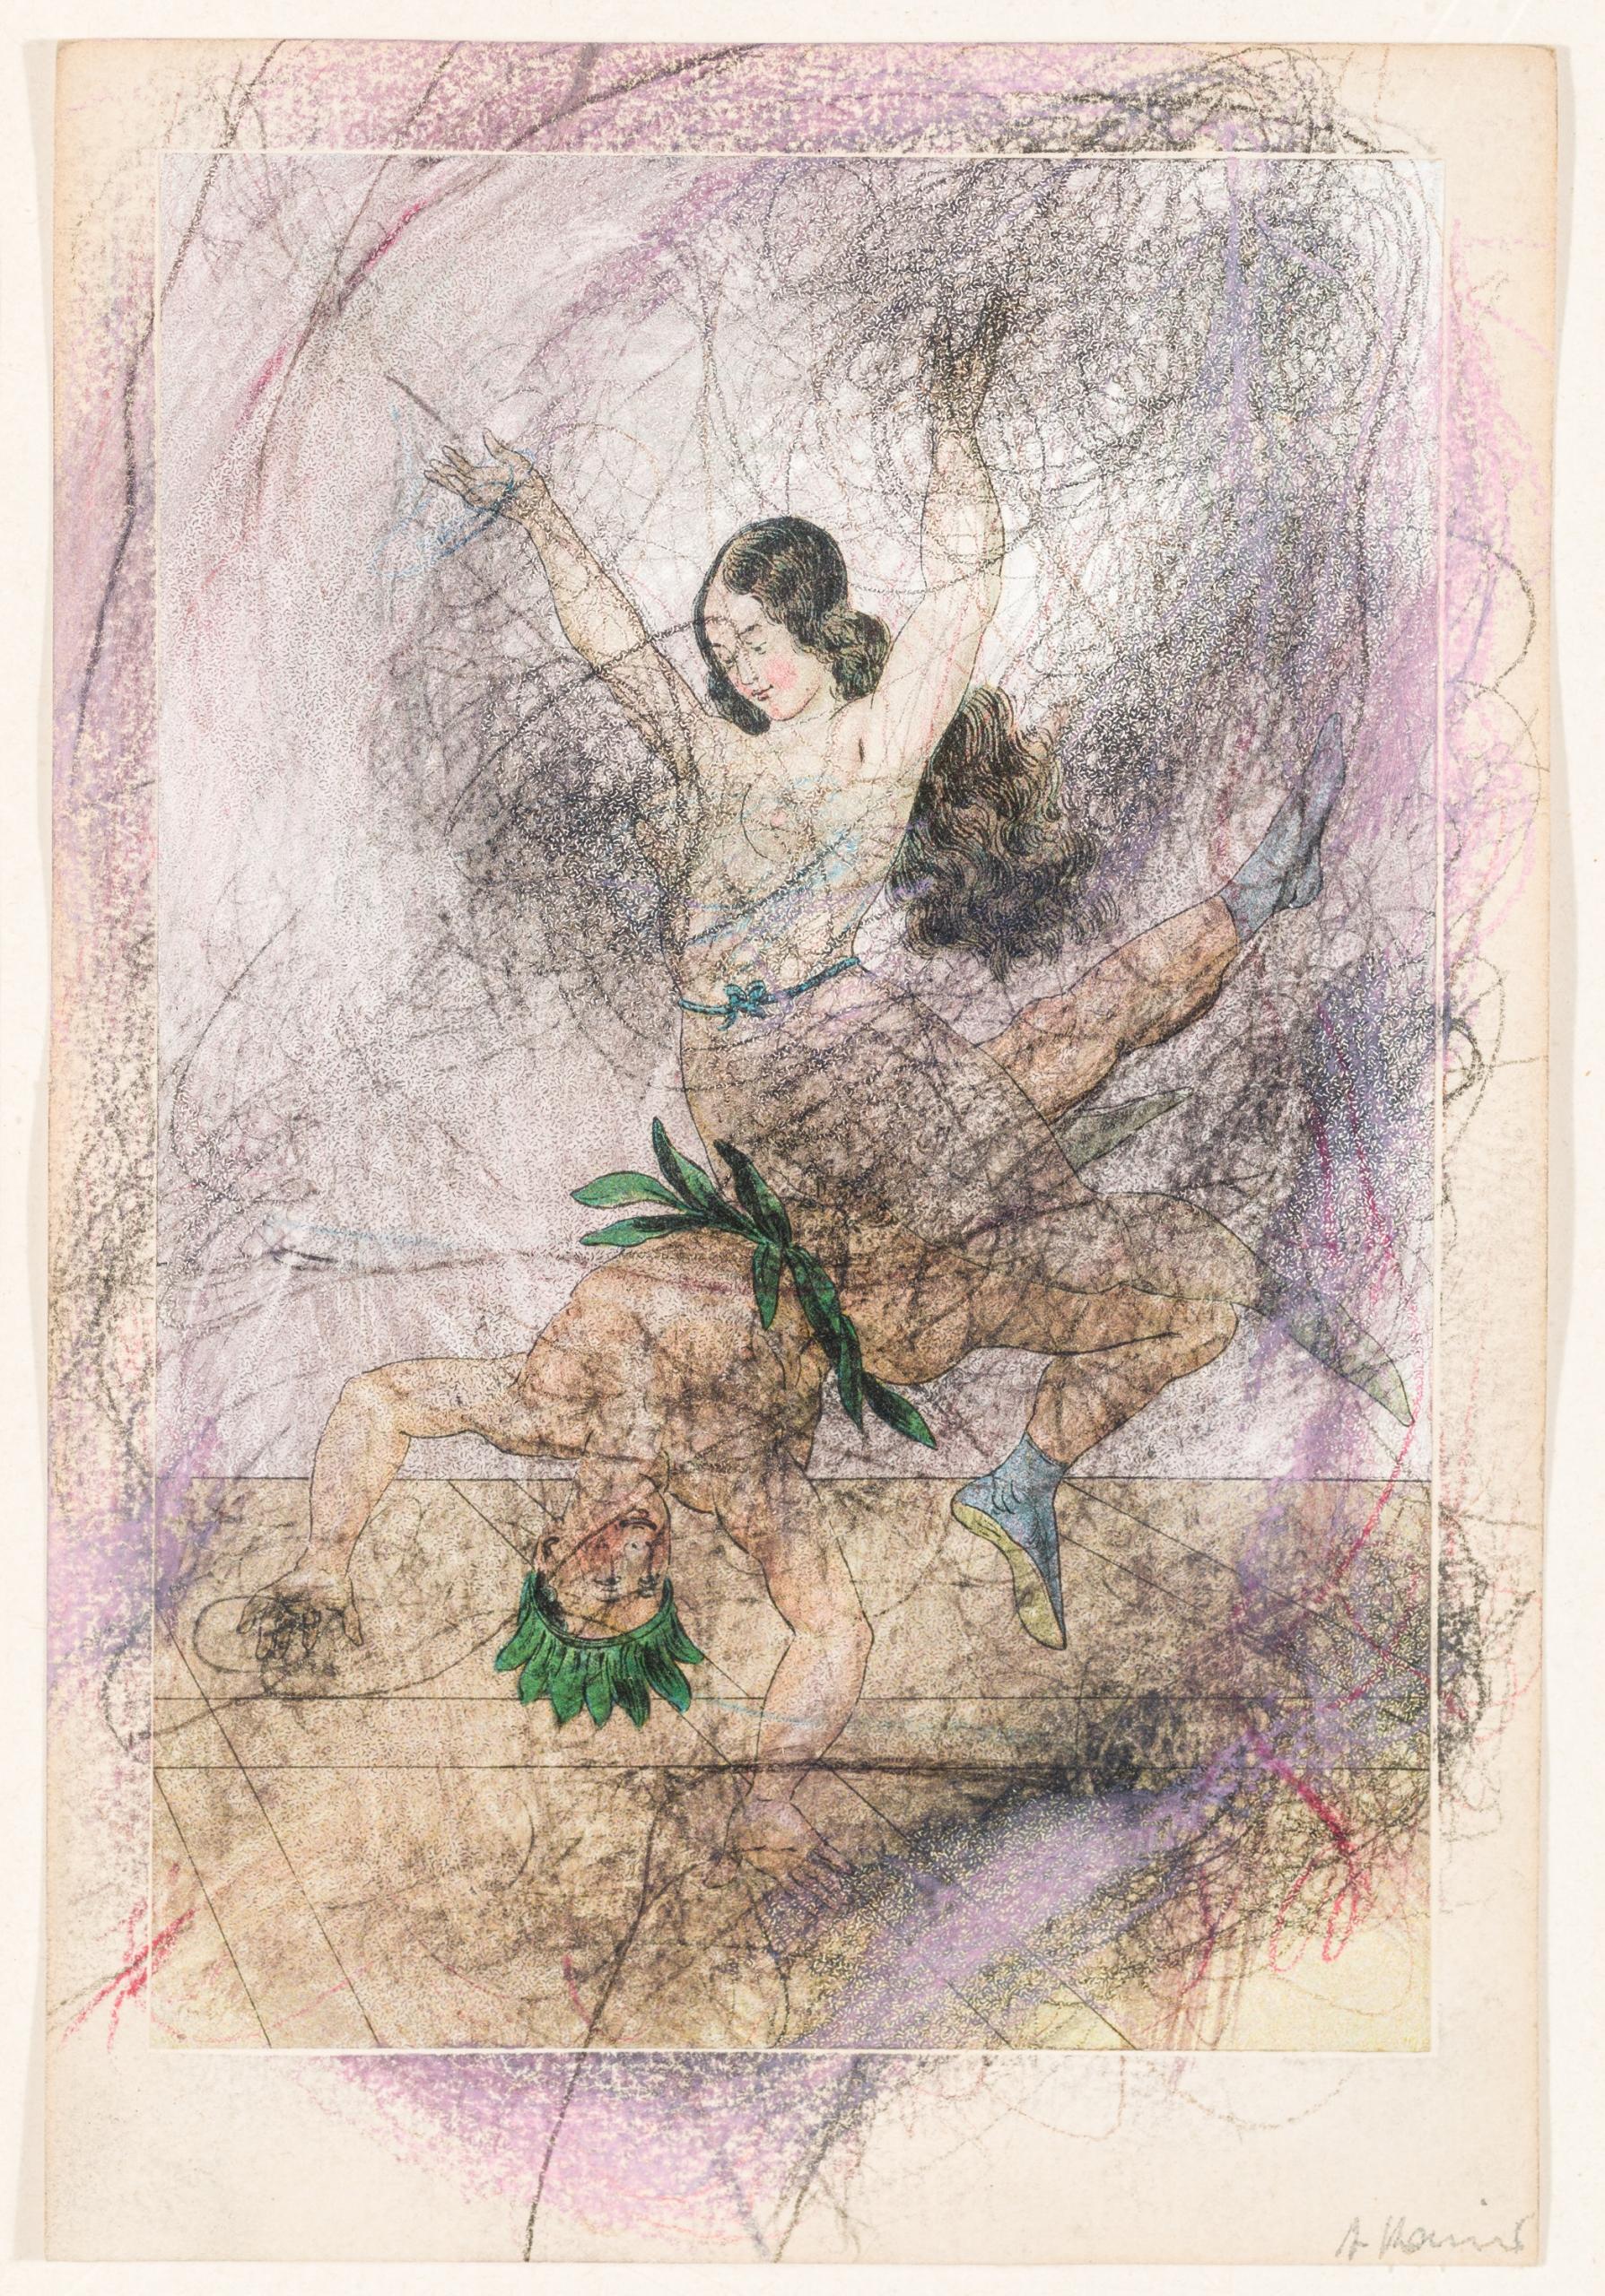 Arnulf Rainer, Ohne Titel (Erotische Darstellung aus der Pseudologica Serie von Peter Fendi)